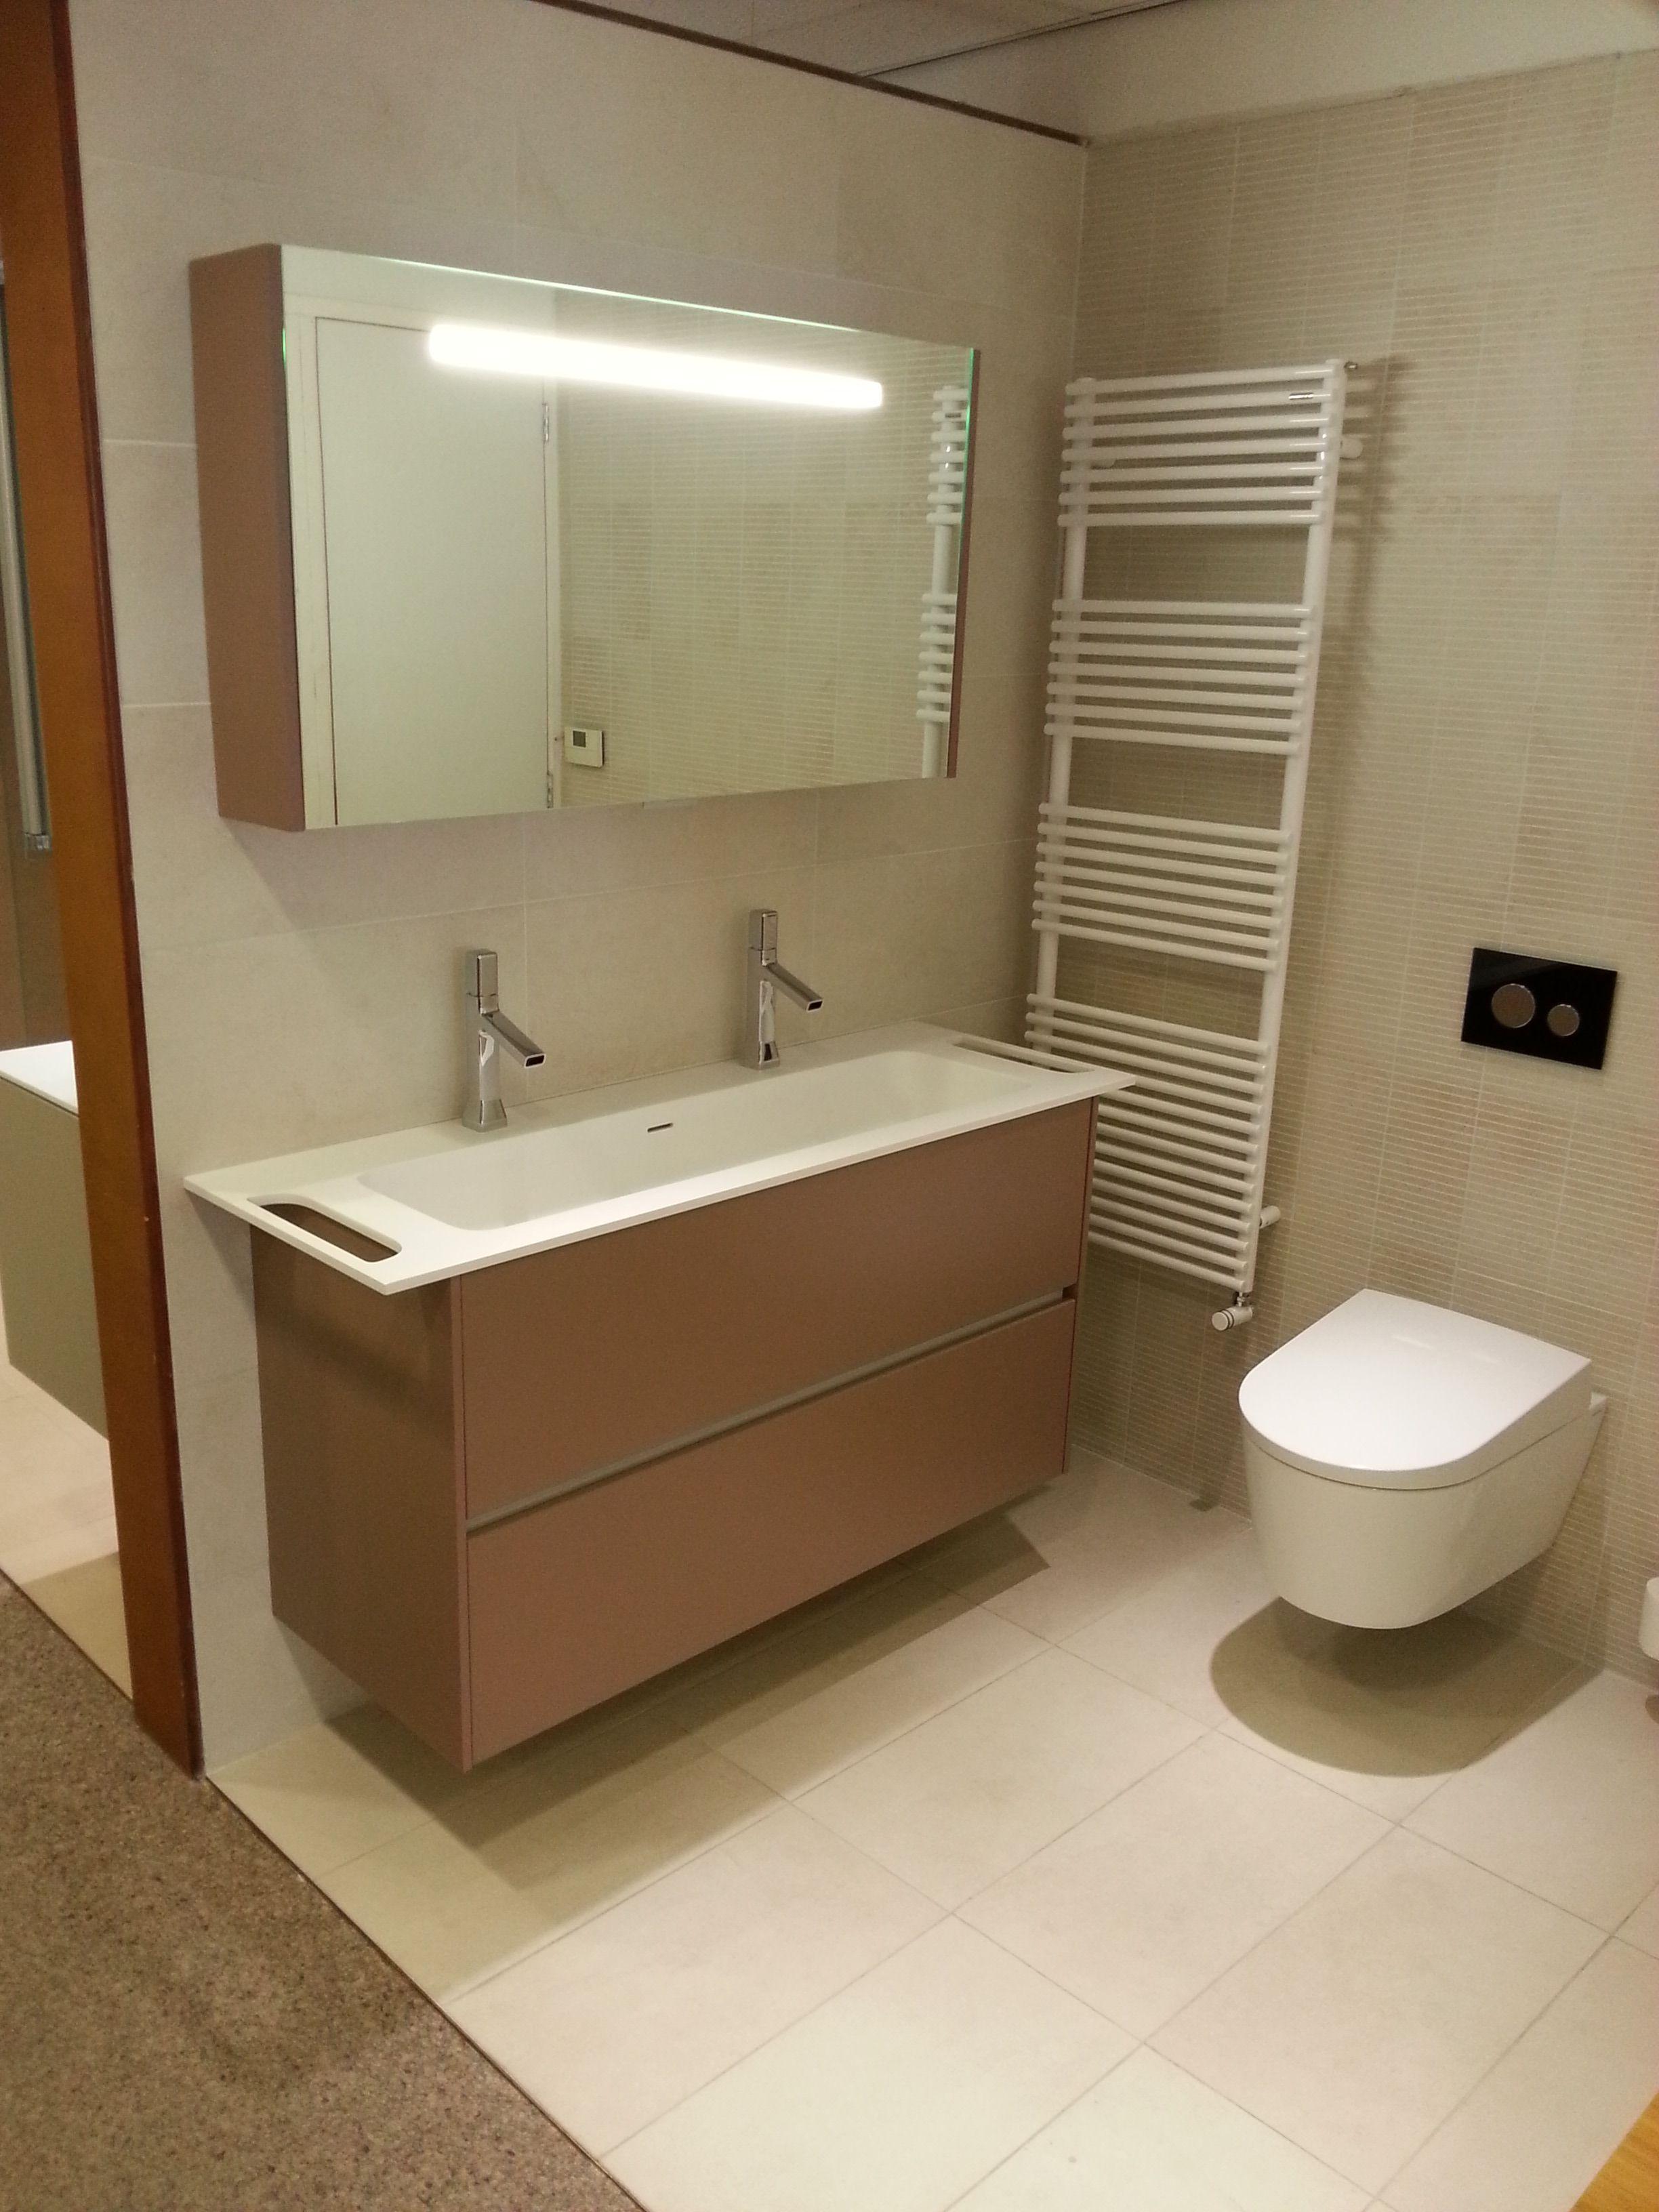 baño #Stocco con accesorio secar toallas | Spais baños | Pinterest ...